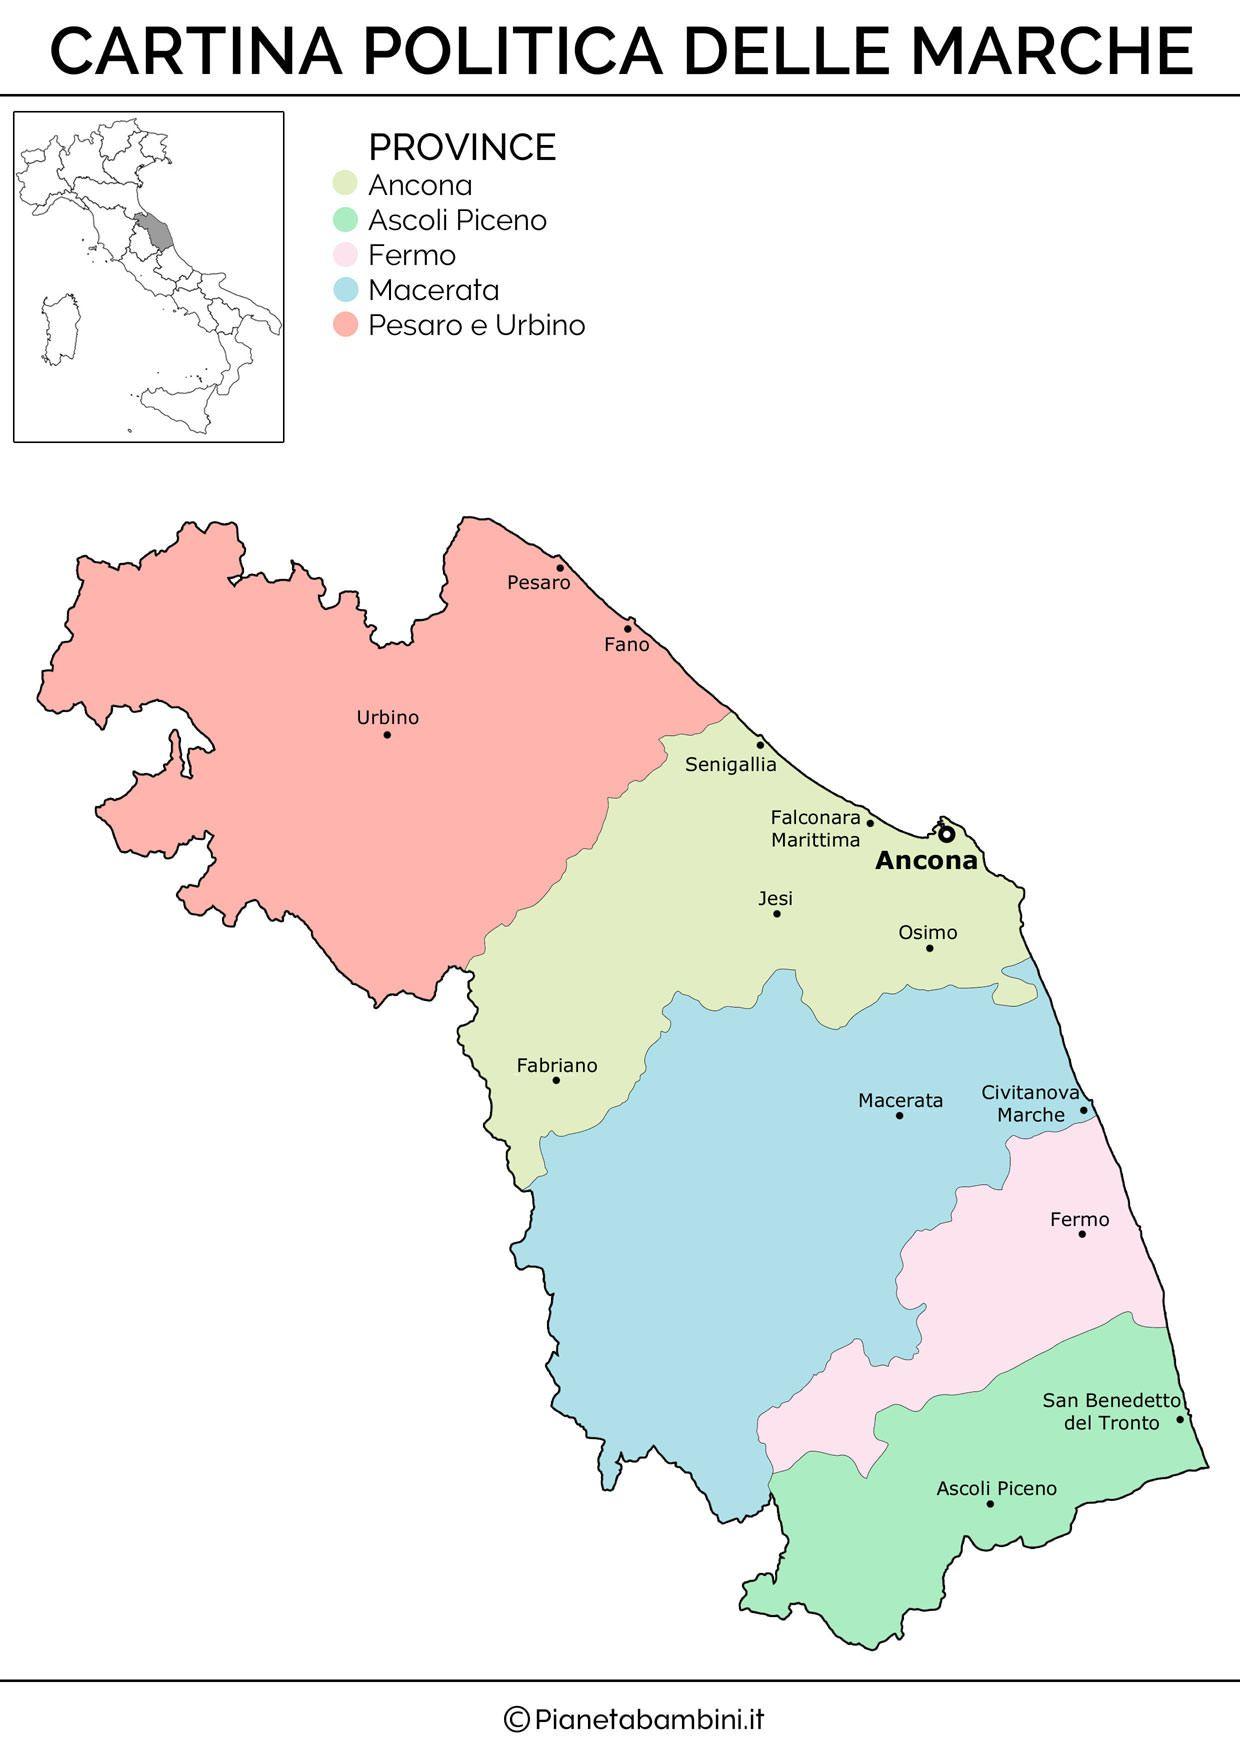 Cartina Muta Fisica E Politica Delle Marche Da Stampare Mappe